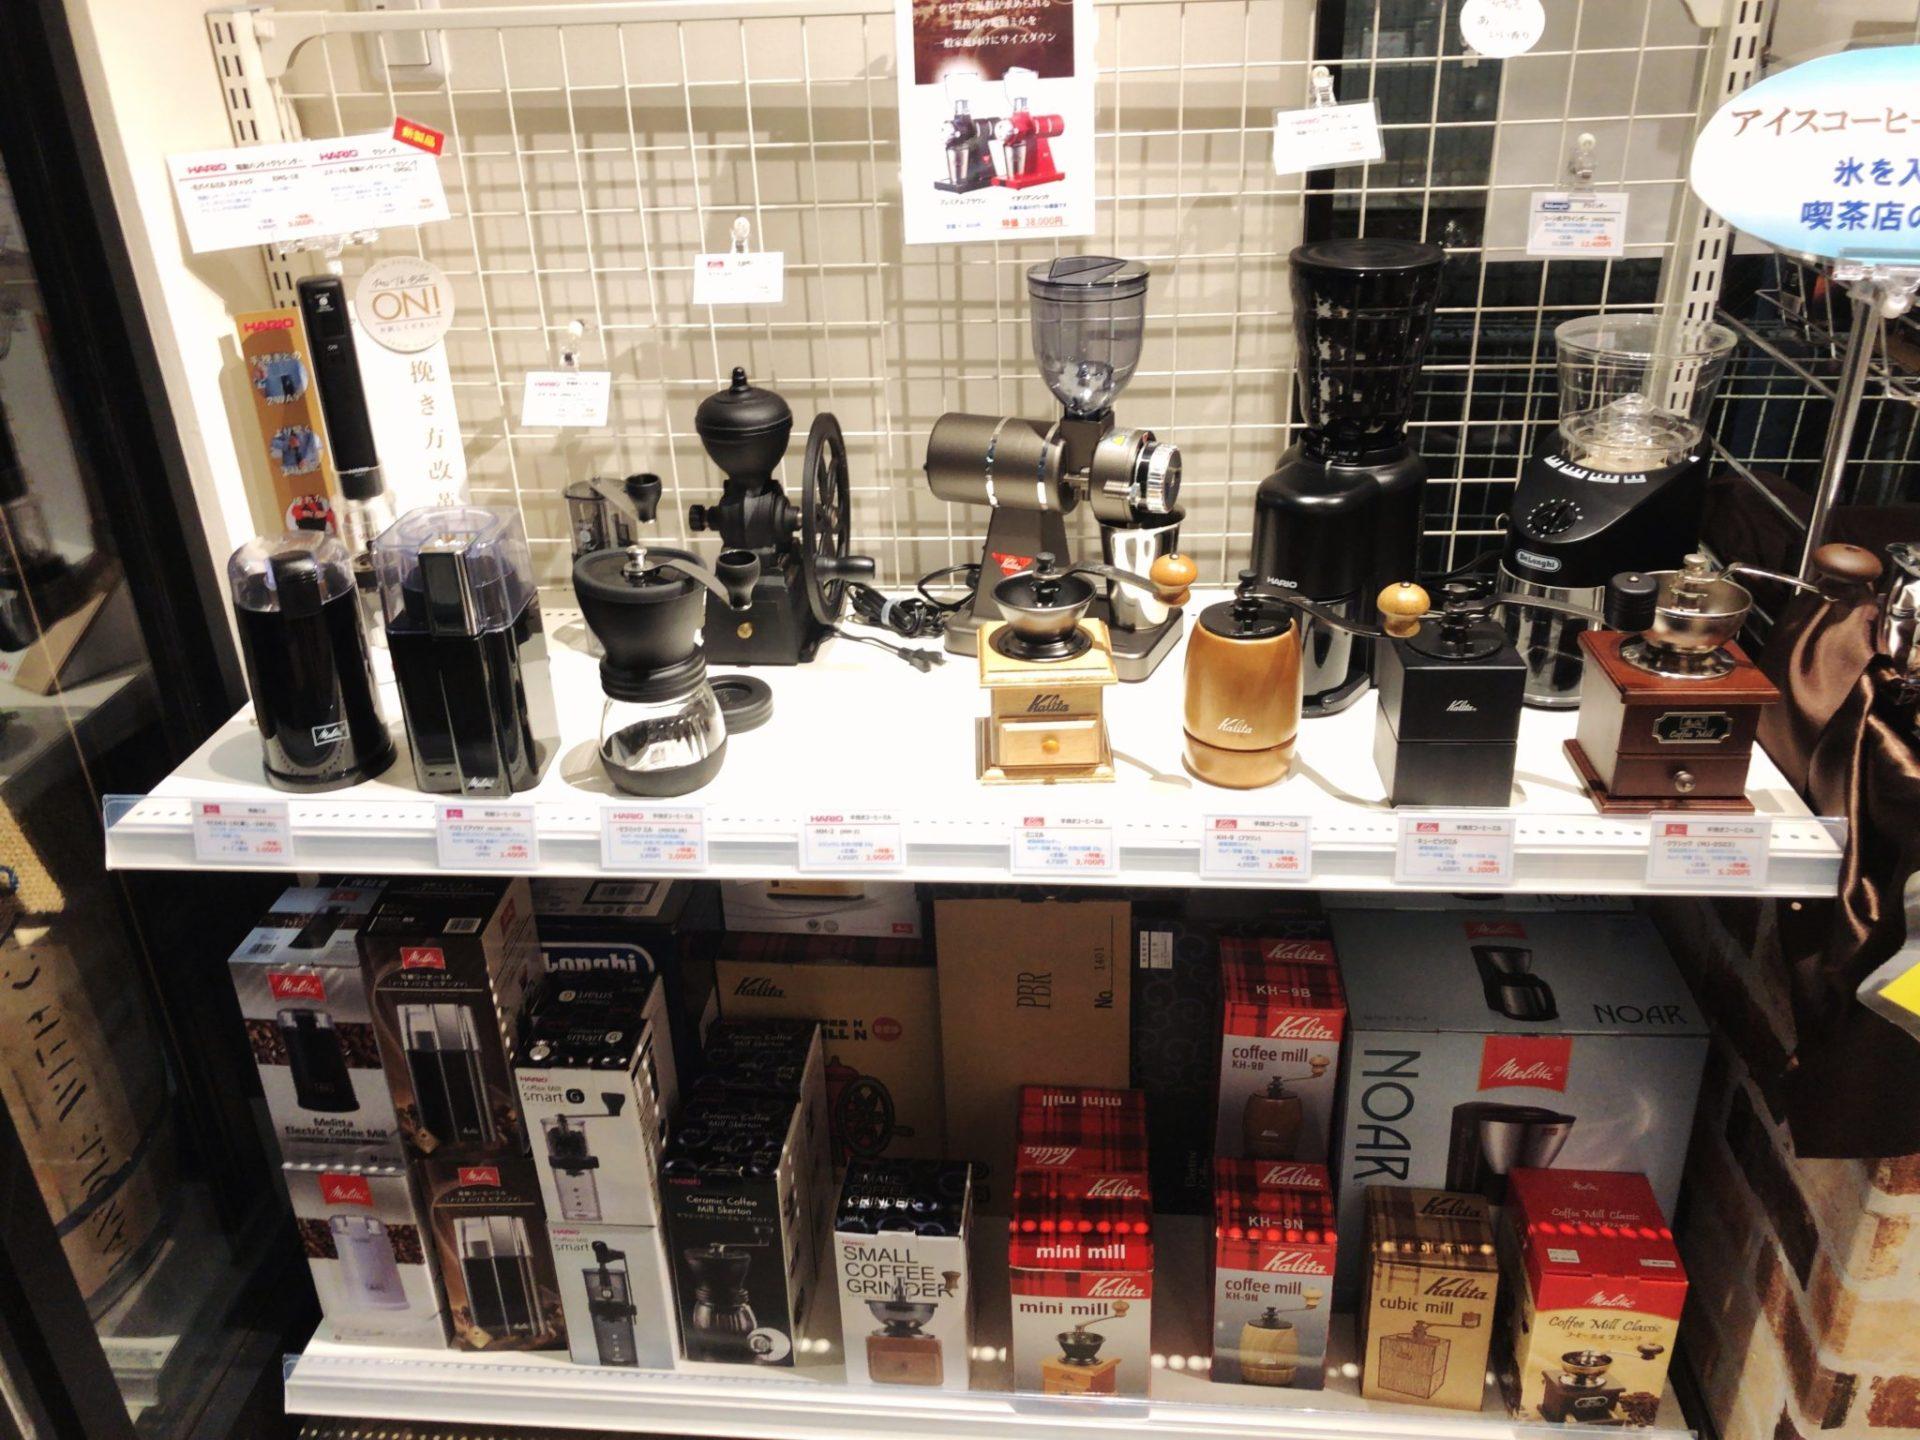 高根珈琲経堂店のコーヒーミルやドリッパー